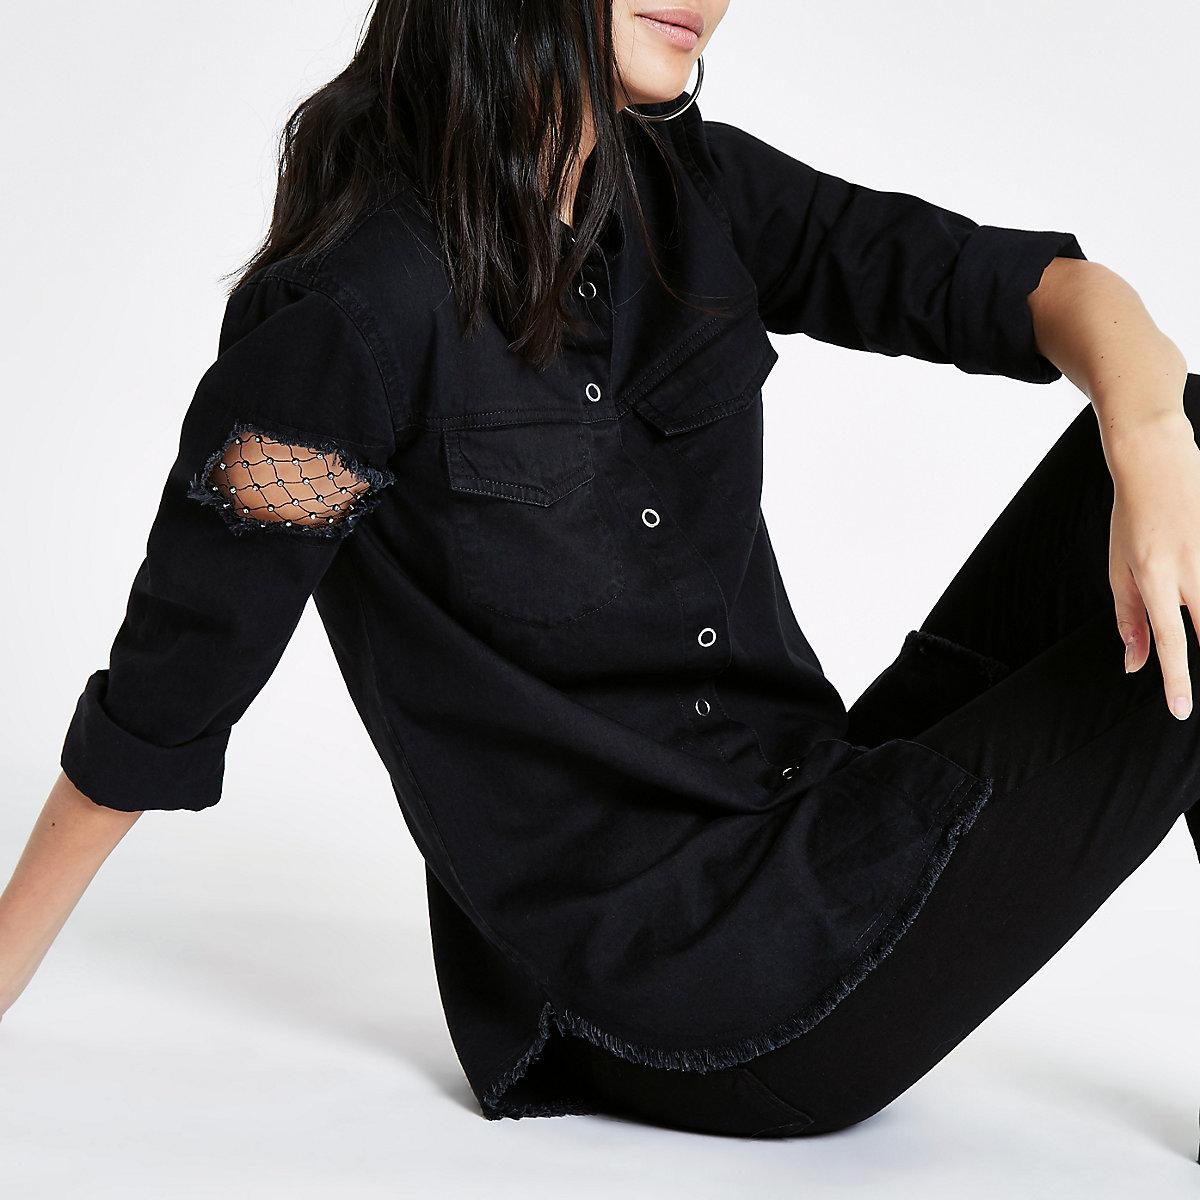 Black denim fishnet insert long sleeve shirt